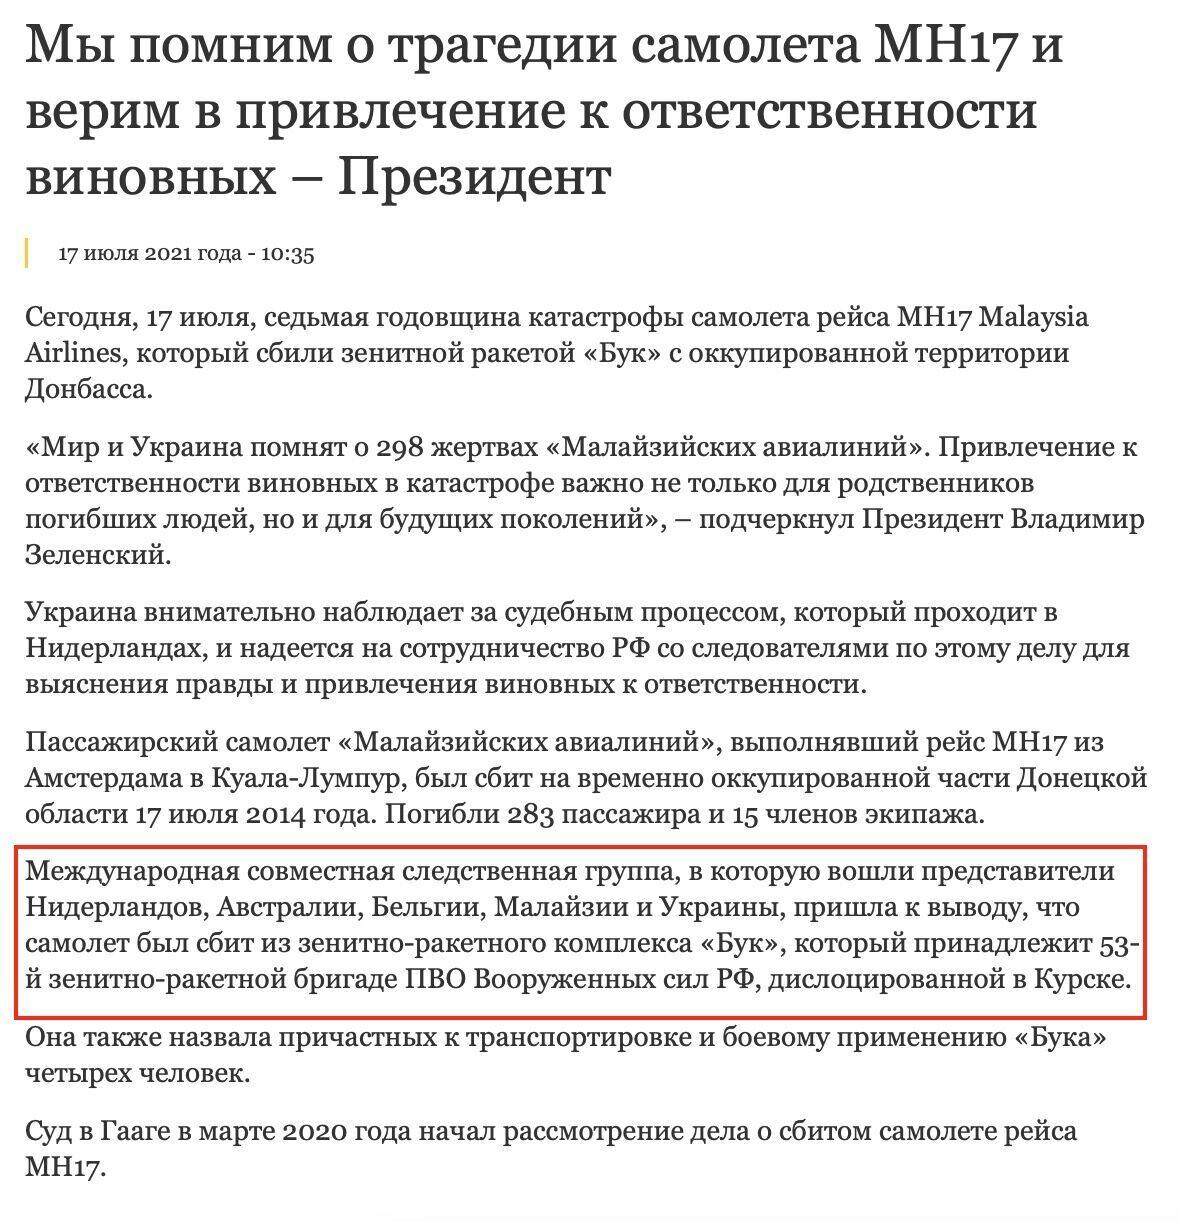 Владимир Зеленский не упомянул о виновности России в катастрофе МН17